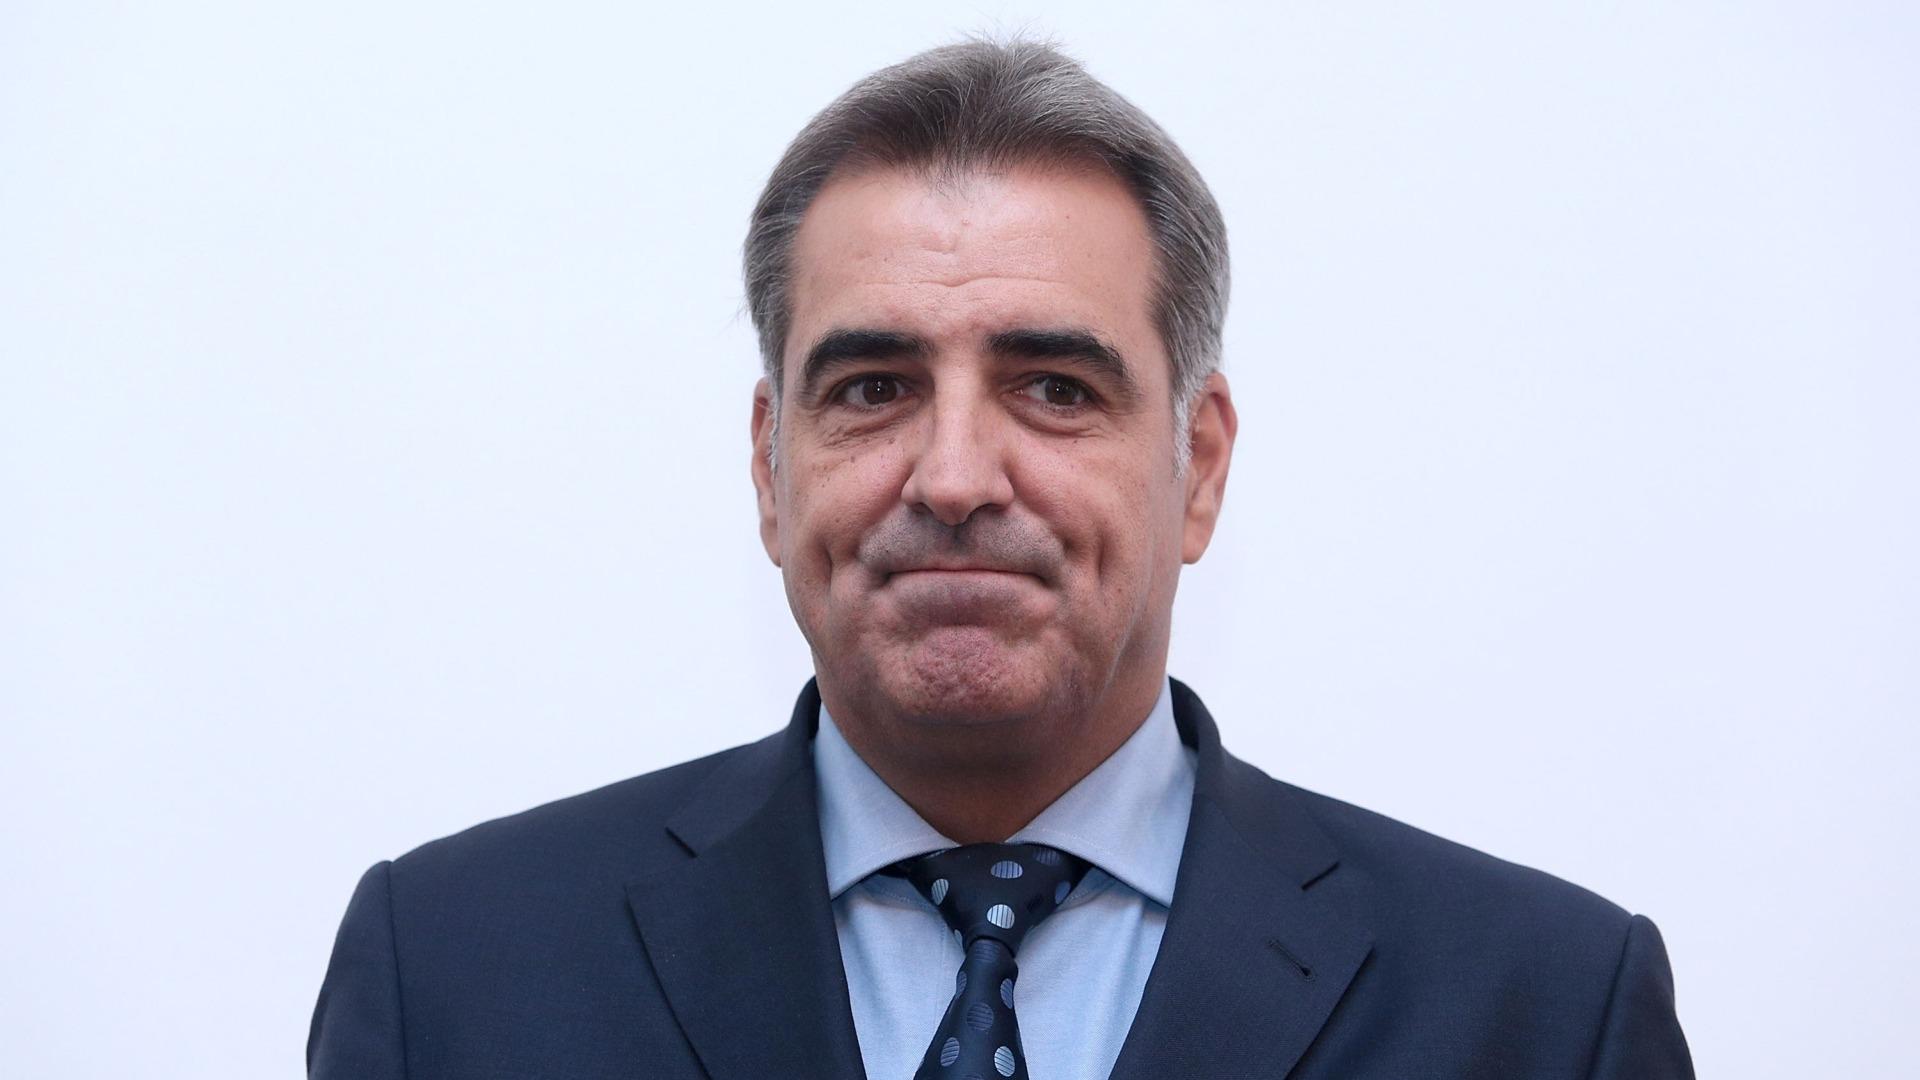 AFERA REMORKER: Obrana traži izdvajanje iskaza ključnih svjedoka protiv Vidoševića